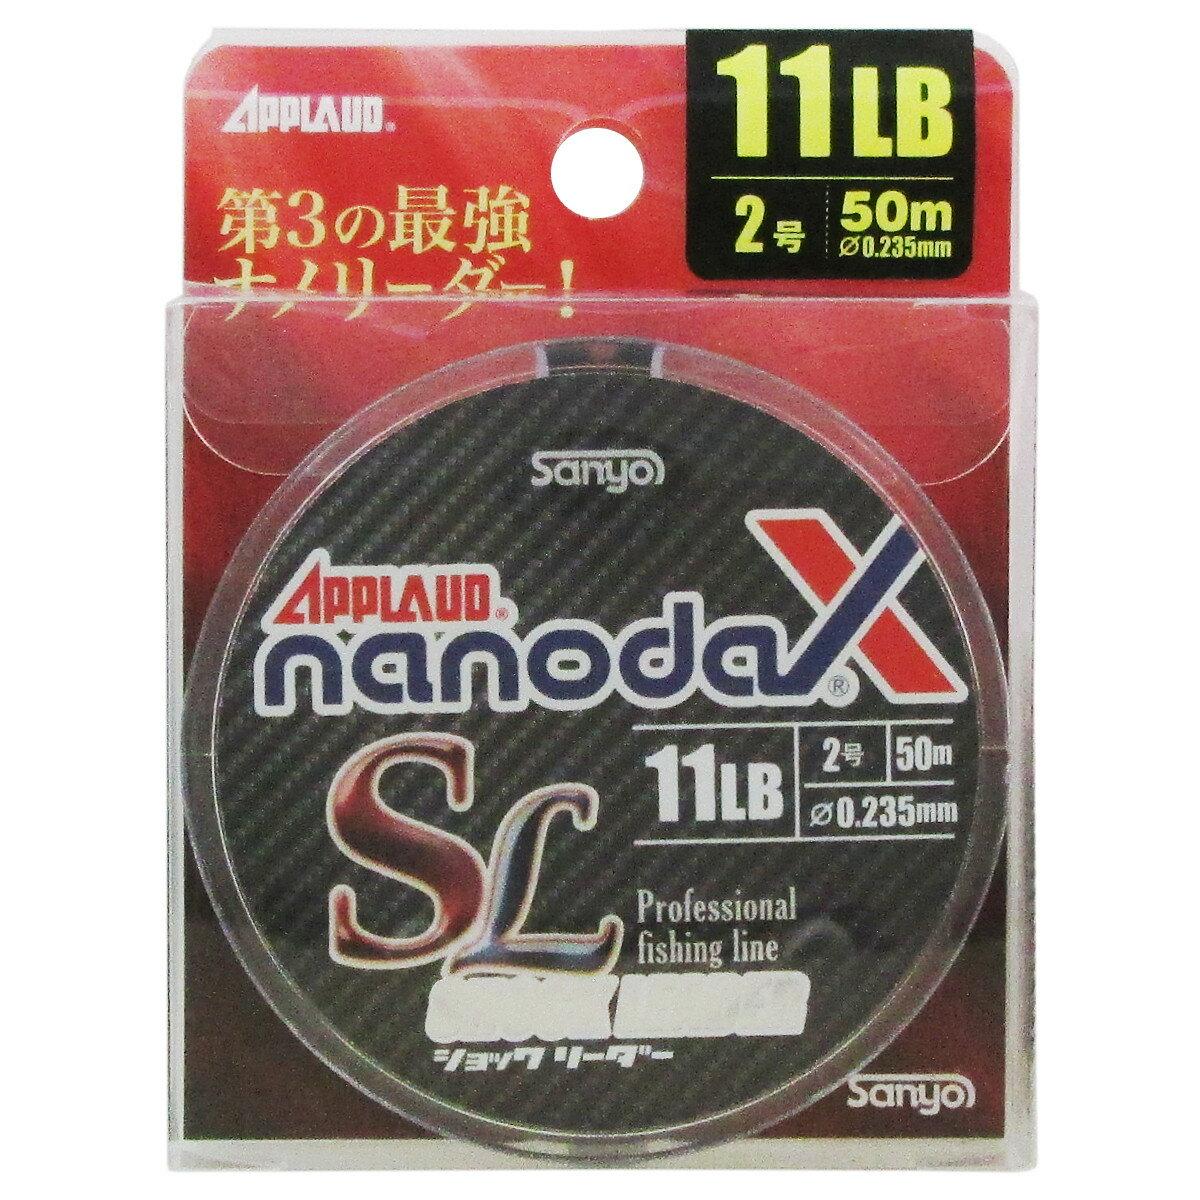 サンヨーナイロン アプロード ナノダックス ショックリーダー 50m 11LB アクアクリアー(東日本店)